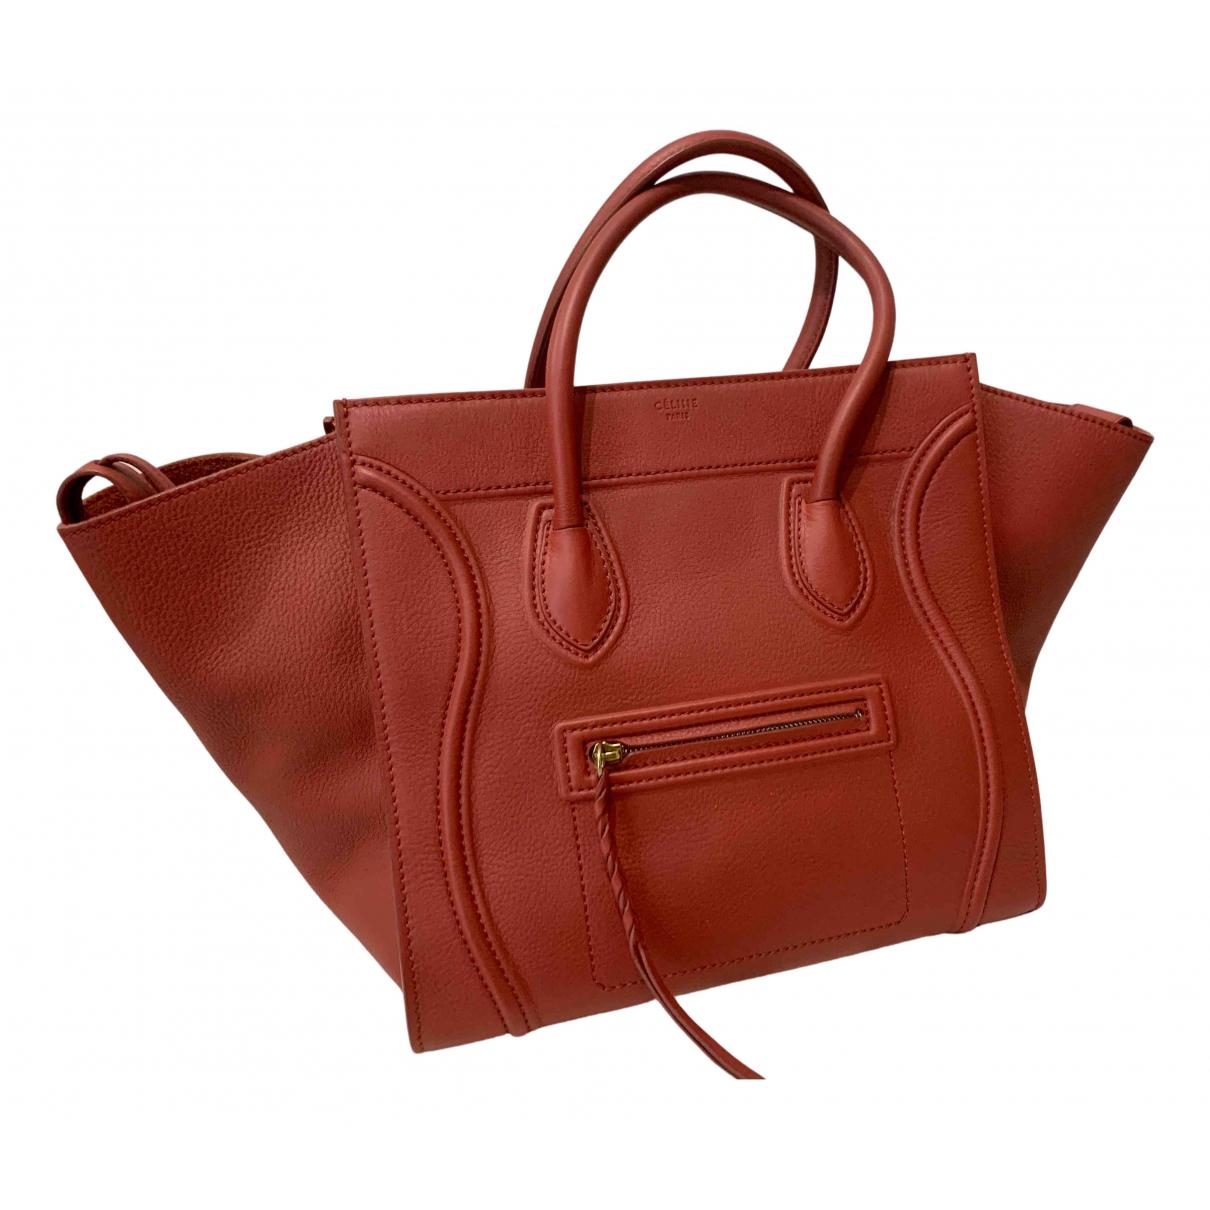 Celine - Sac a main Luggage Phantom pour femme en cuir - bordeaux